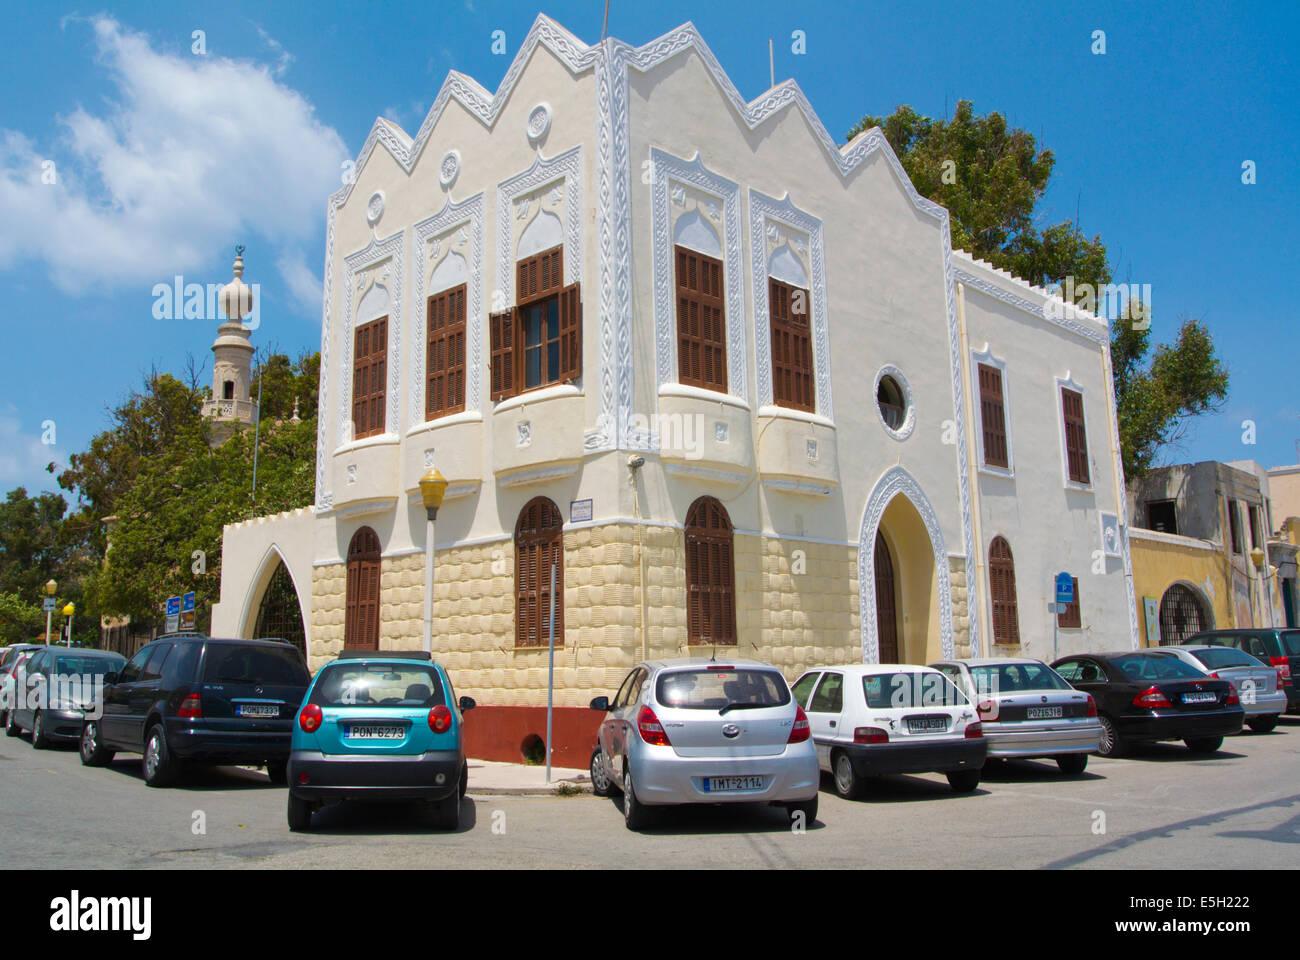 Arquitectura de la era italiano, la ciudad nueva, la ciudad de Rodas, la isla de Rodas, islas del Dodecaneso, Grecia, Imagen De Stock